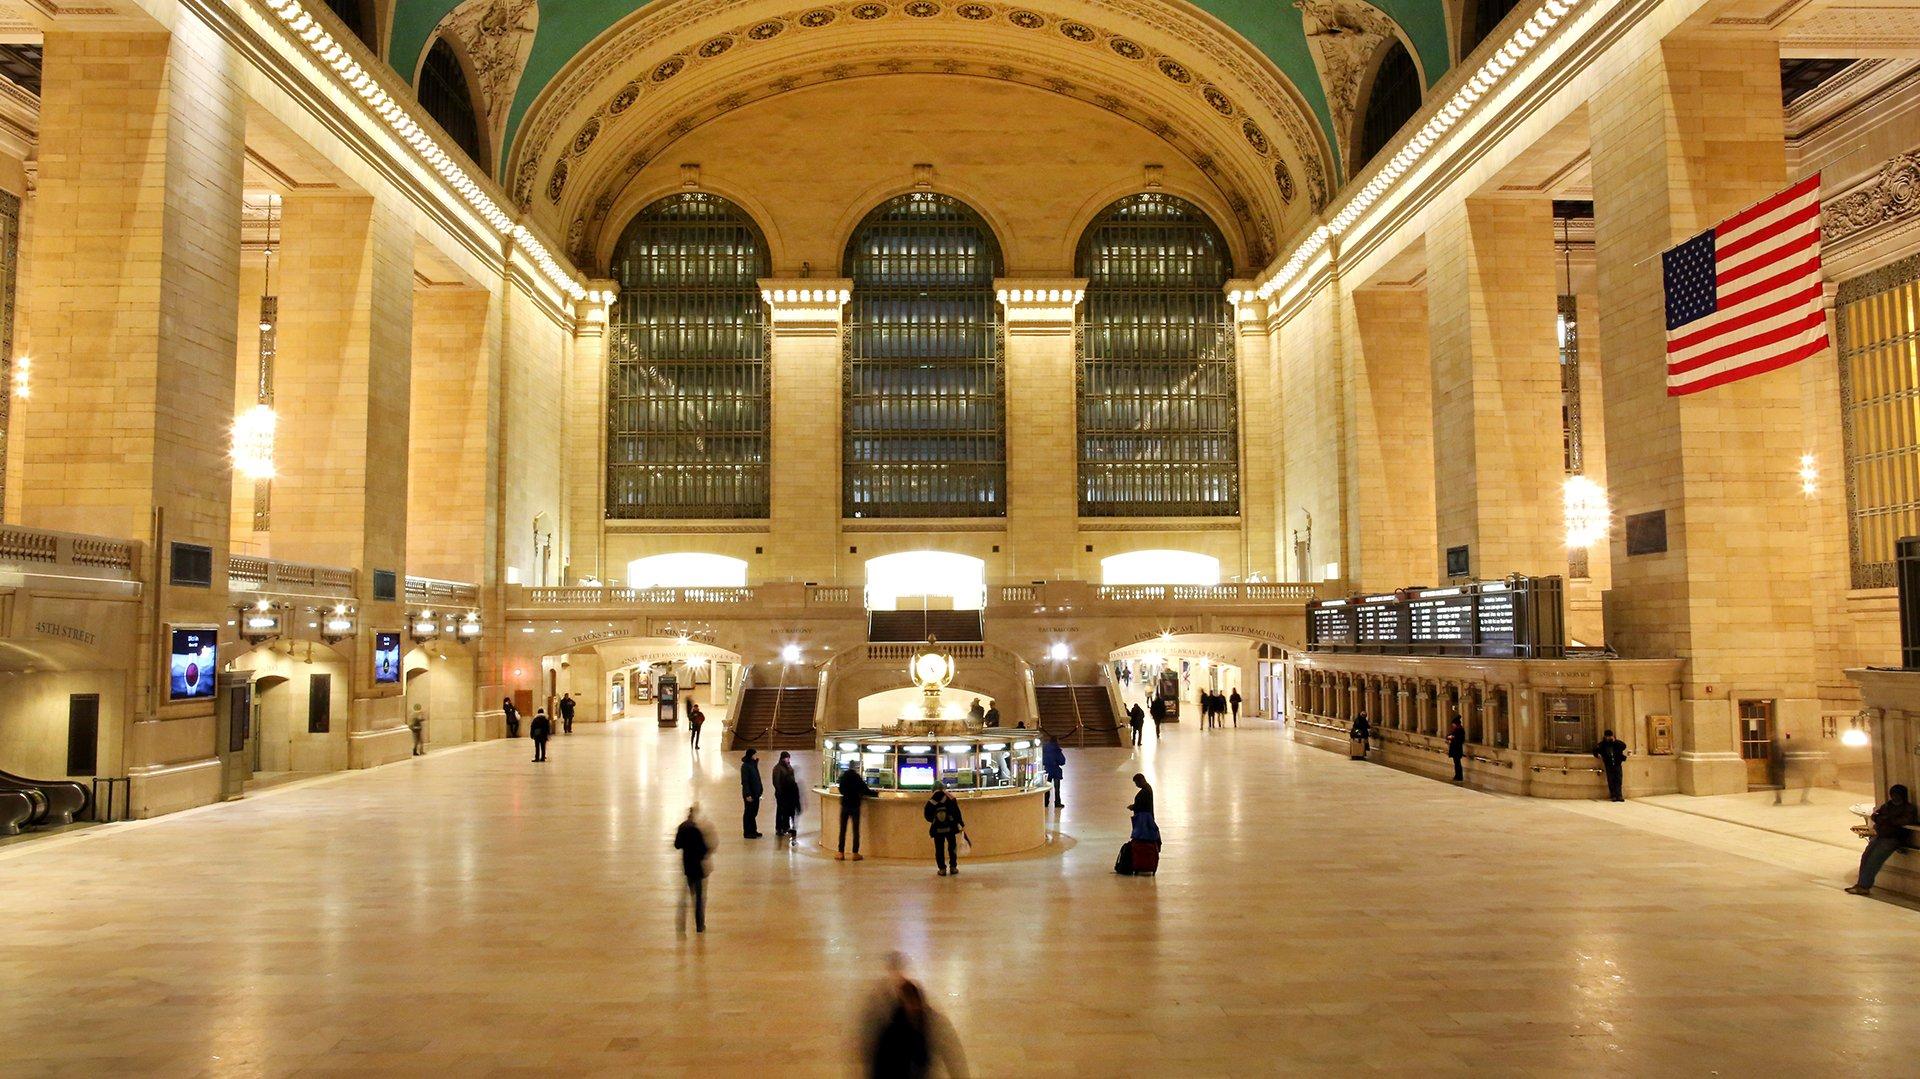 La estación Grand Central de Nueva York se encuentra casi desierta